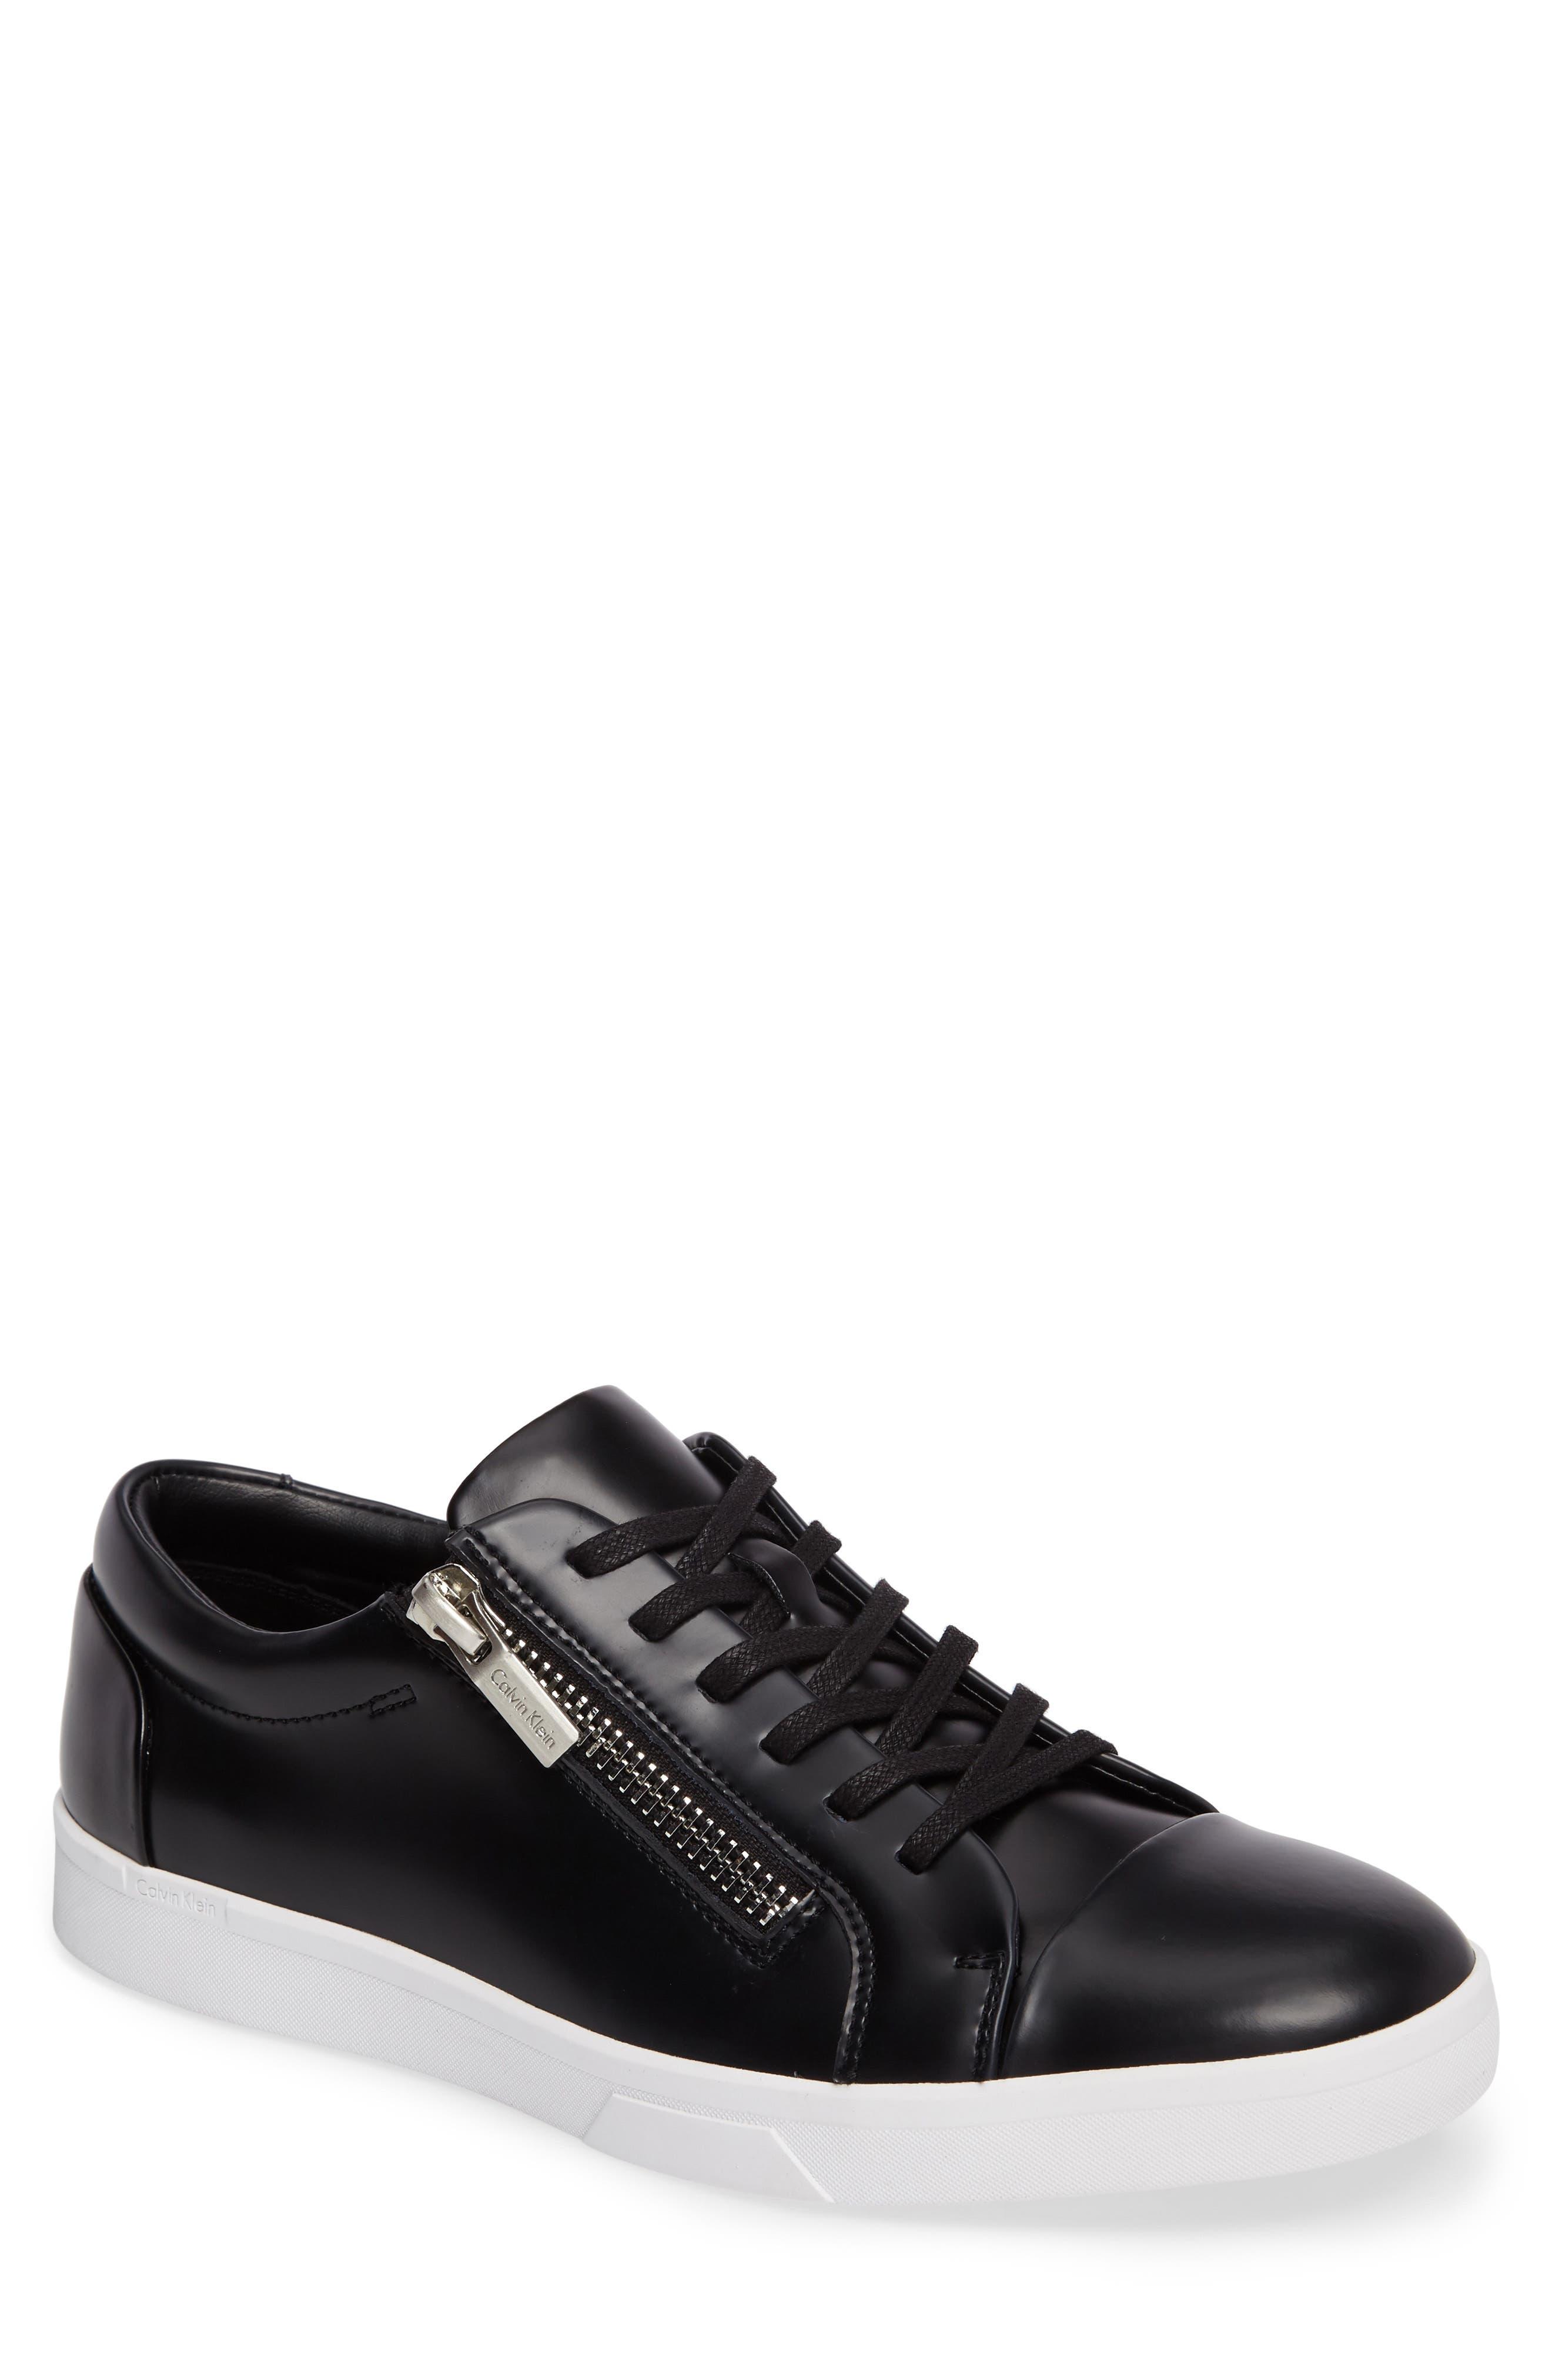 Alternate Image 1 Selected - Calvin Klein Ibrahim Cap-Toe Zip Sneaker (Men)